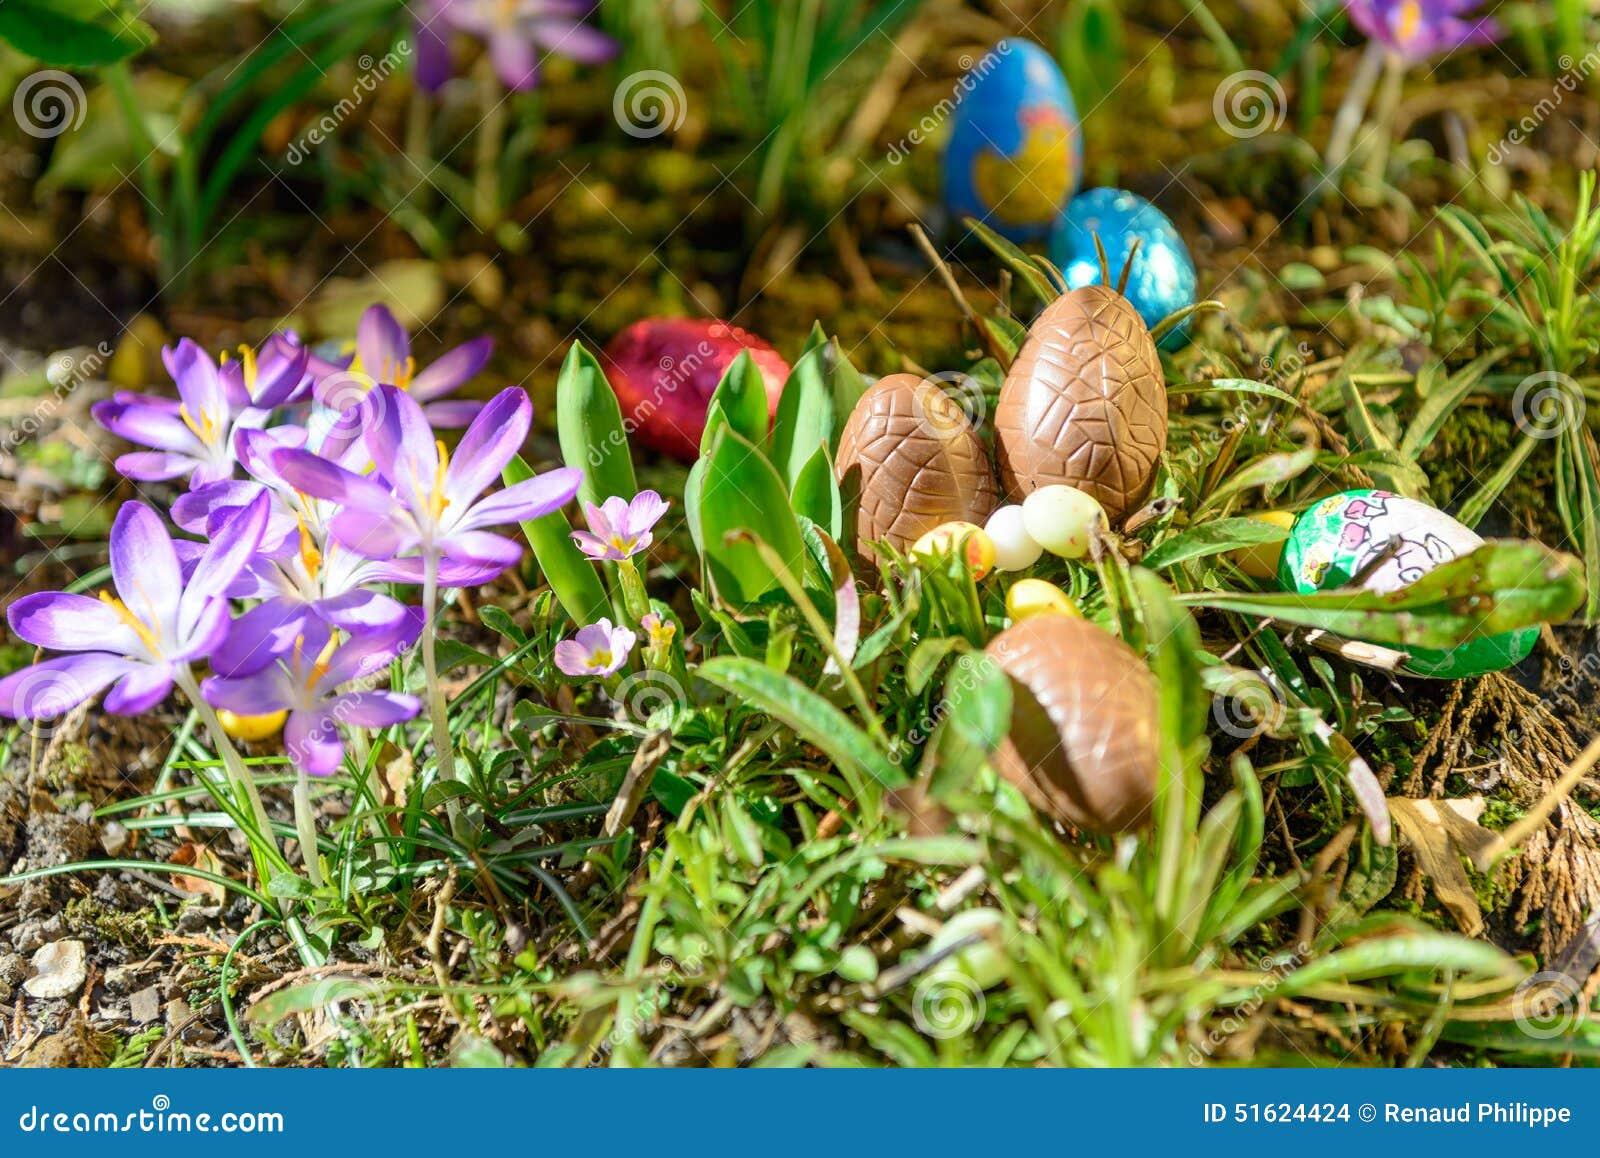 Oeufs de p ques de chocolat dans un jardin photo stock for Dans in jardin